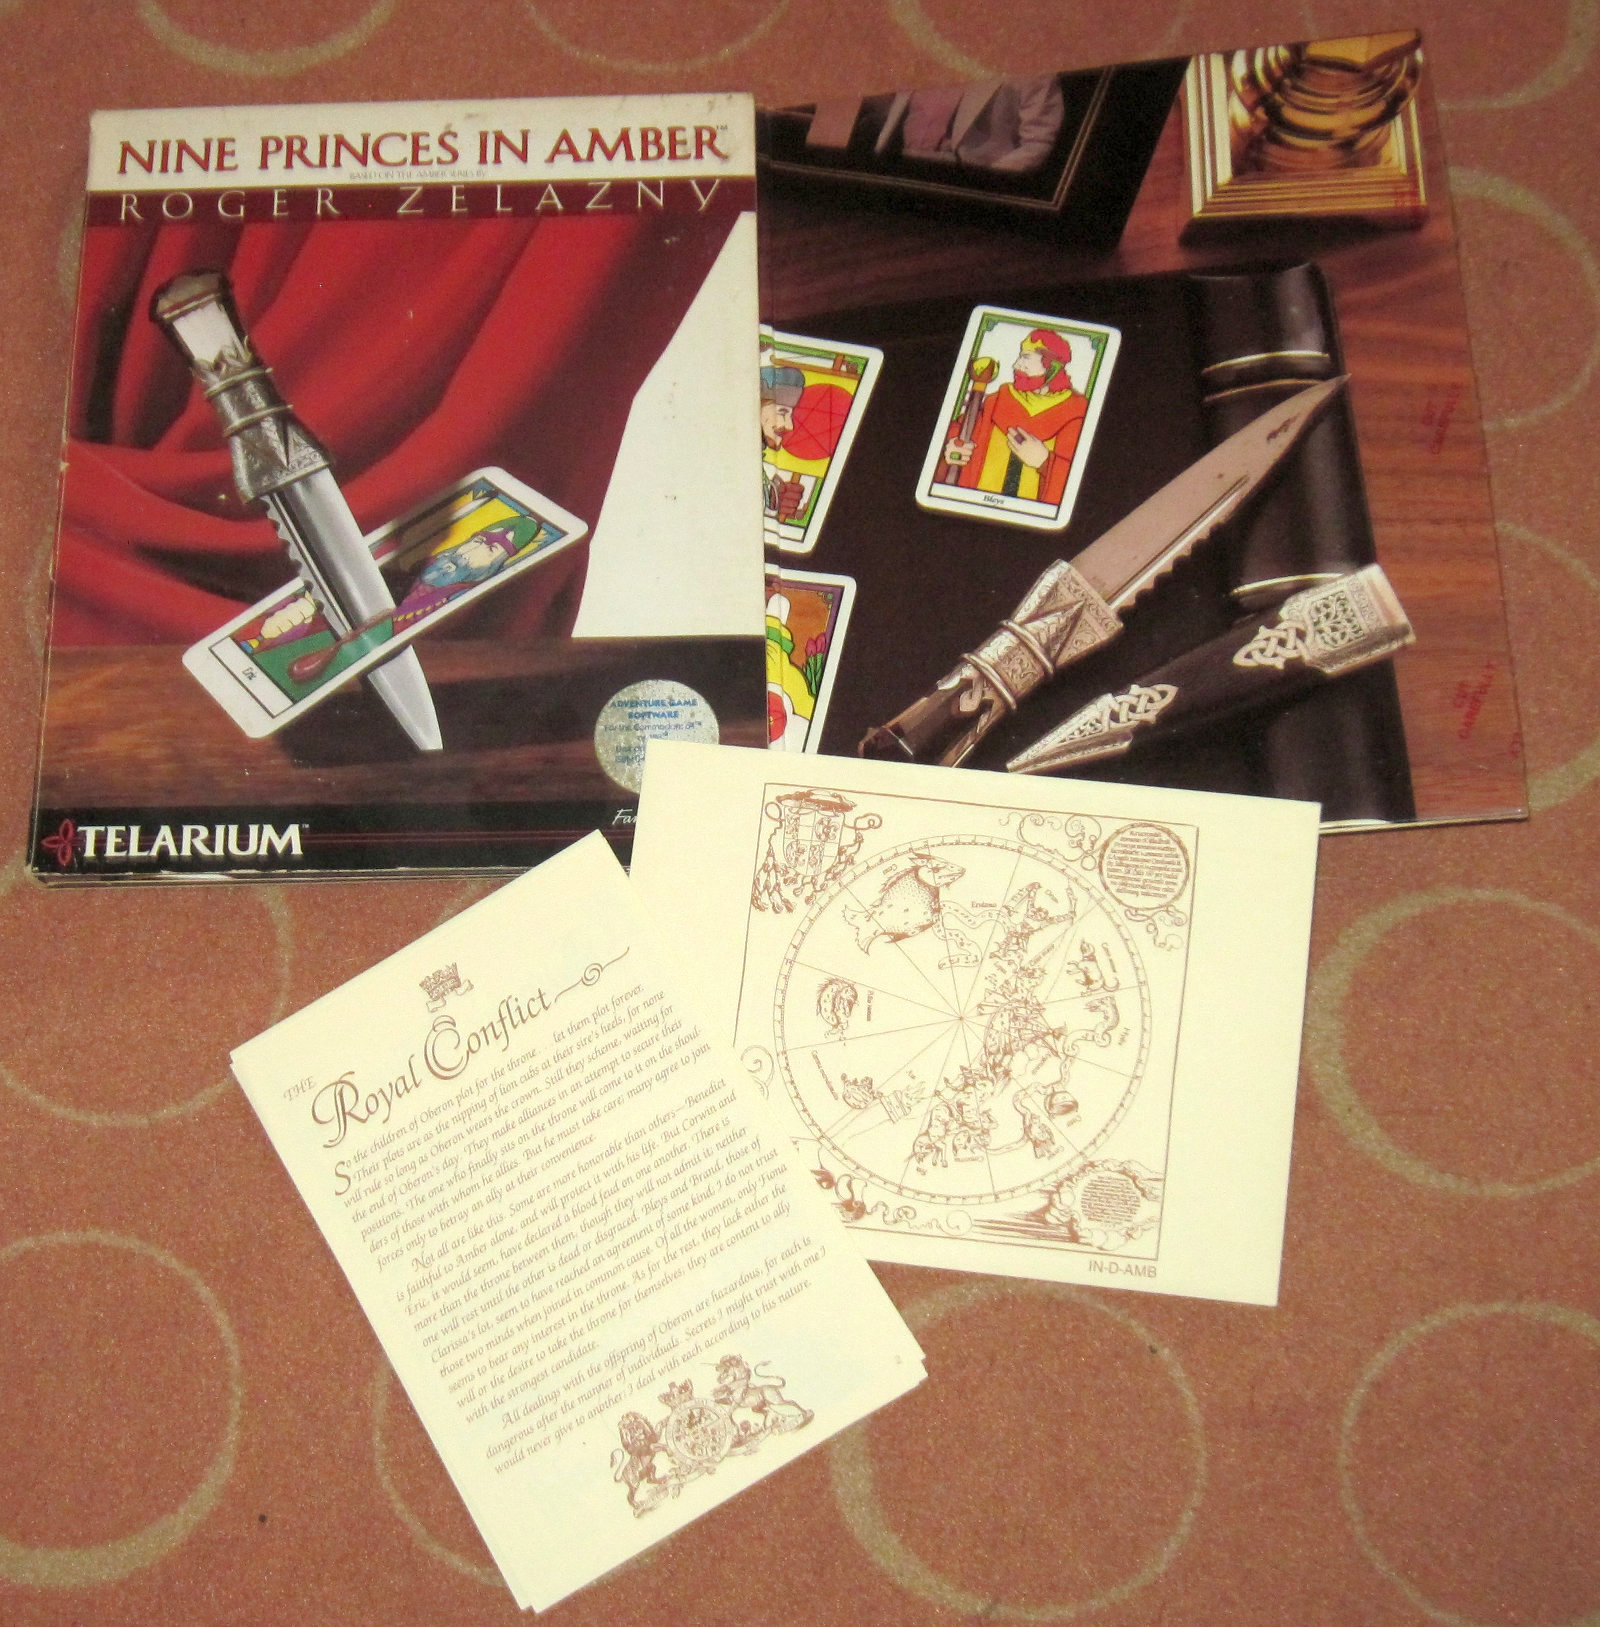 Nicht nur aus damaliger Sicht waren die Verpackungen von Telarium sehr ansehnlich und mit viel Liebe zum Detail gestaltet. Hier: Nine Princes In Amber. (Bild: Michael Kokemor)